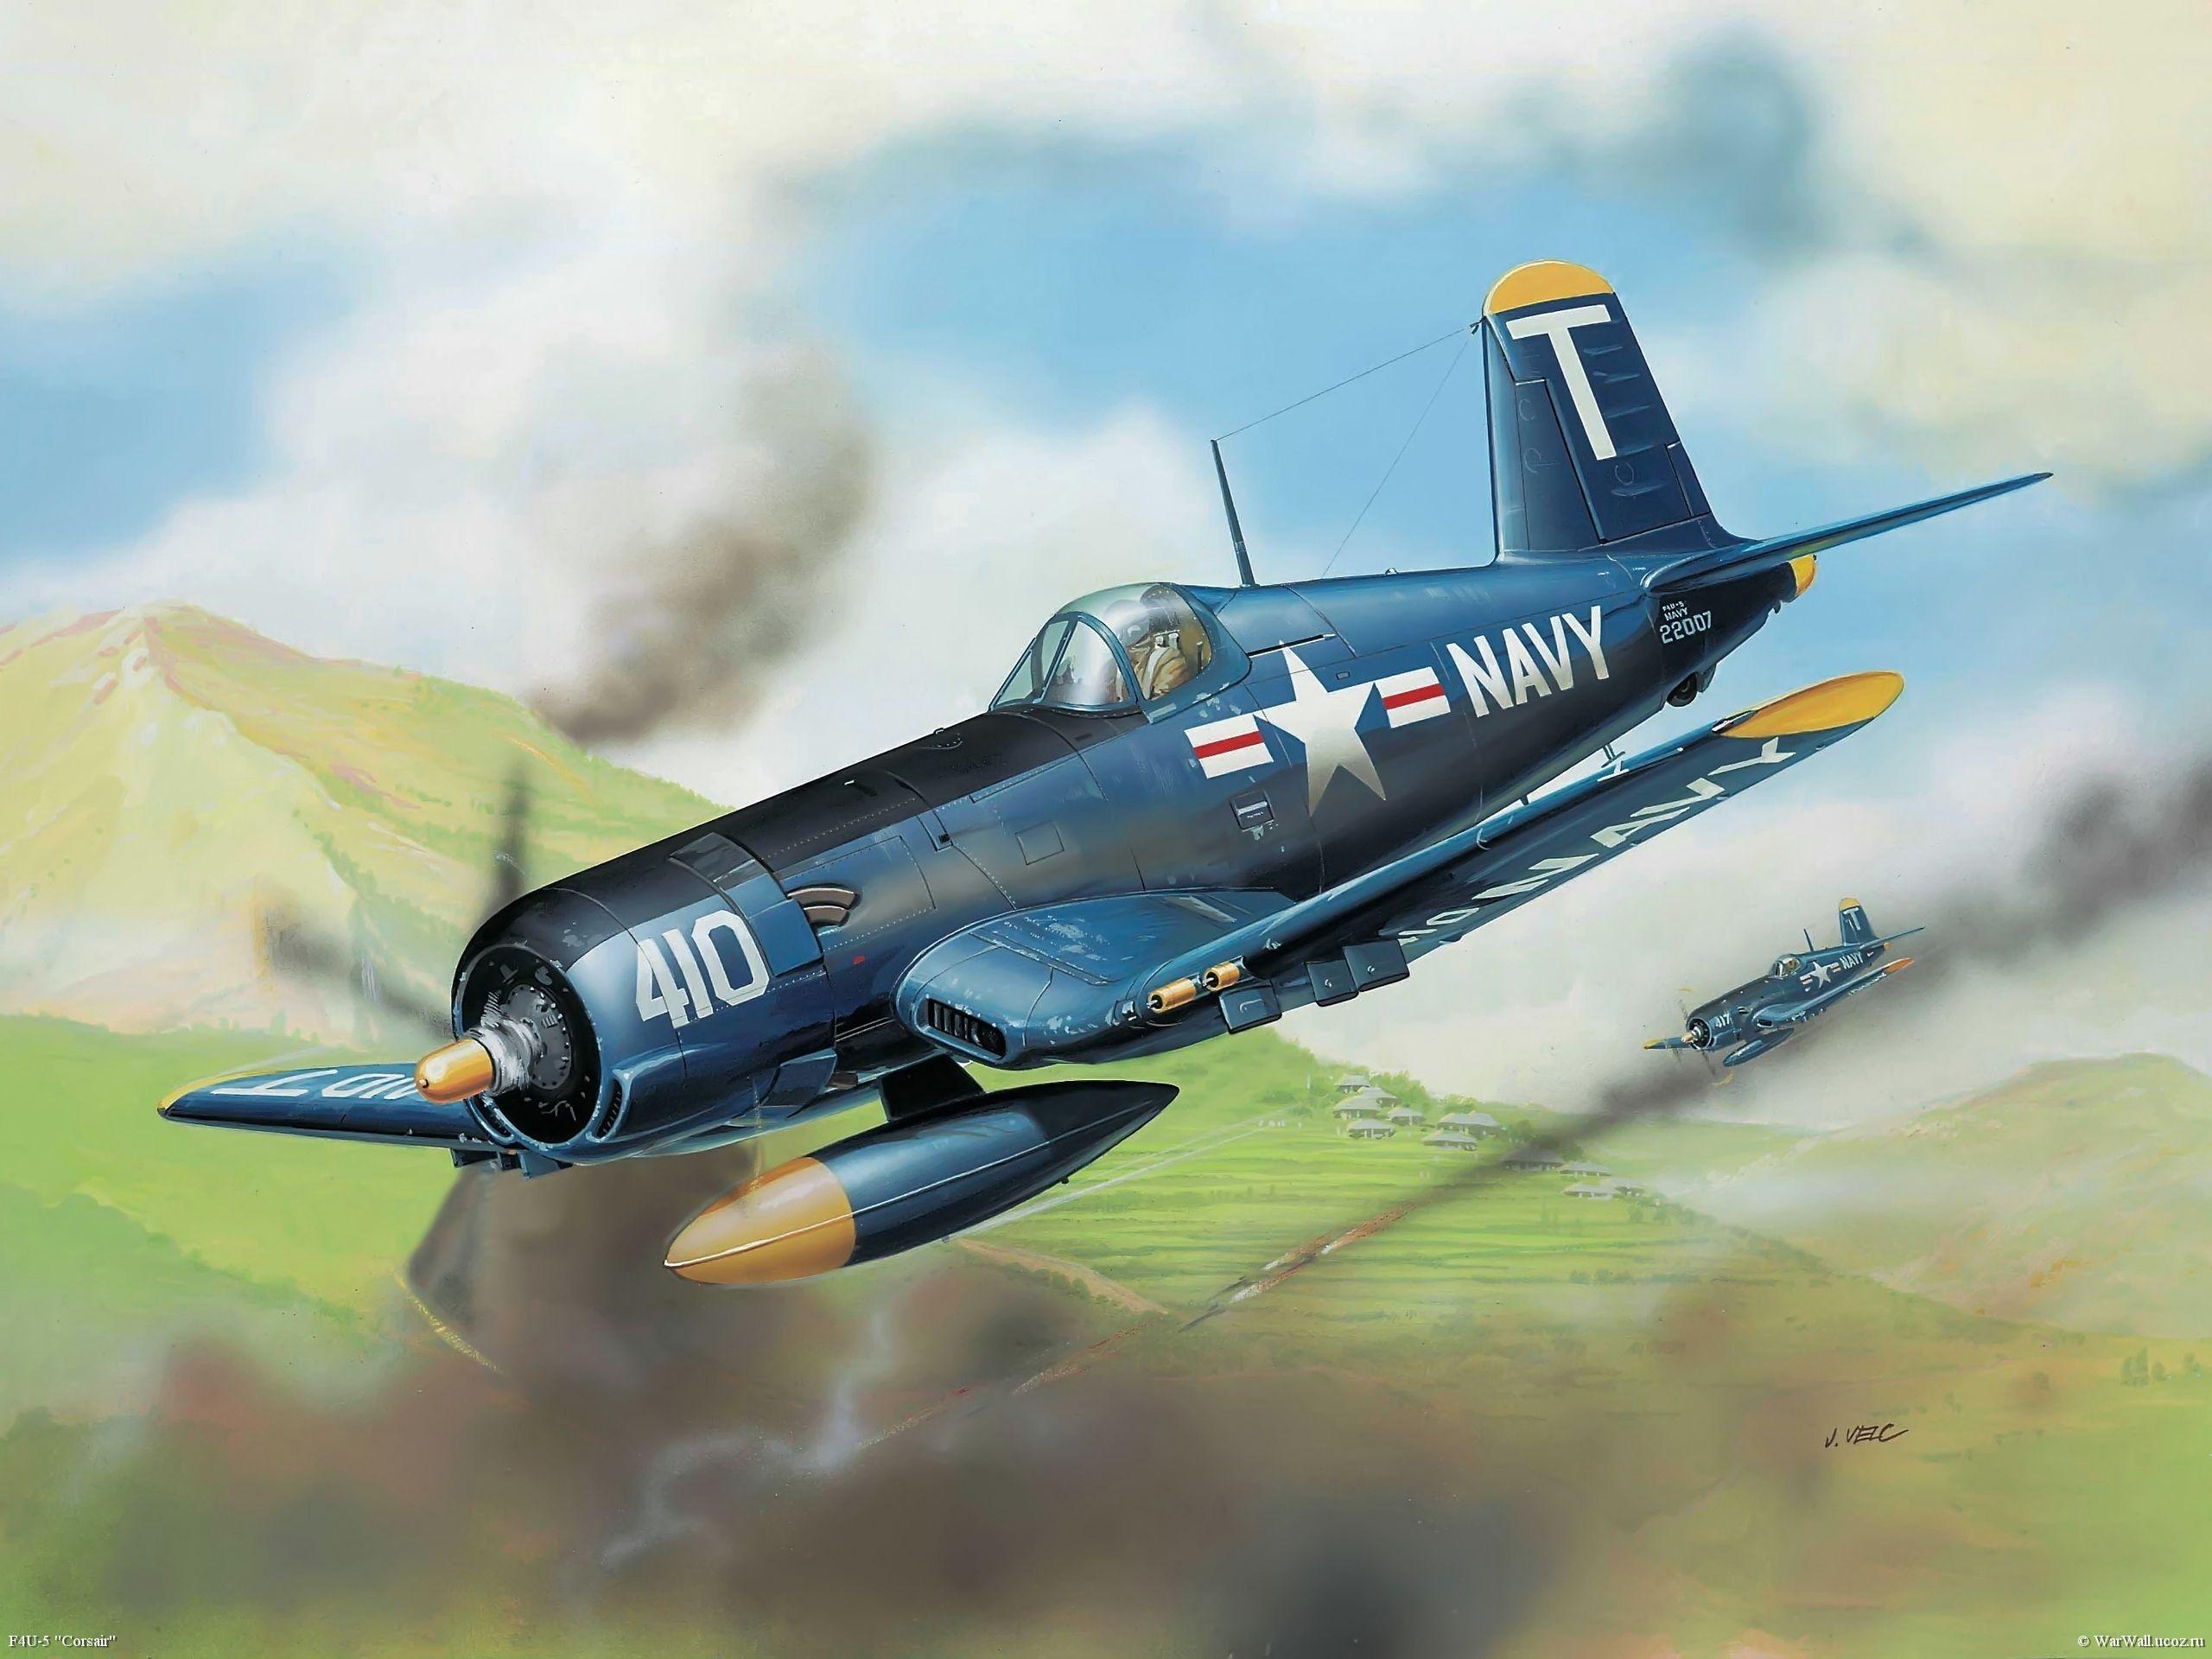 Обои Вторая мировая, F4u corsair, chance vought. Авиация foto 18